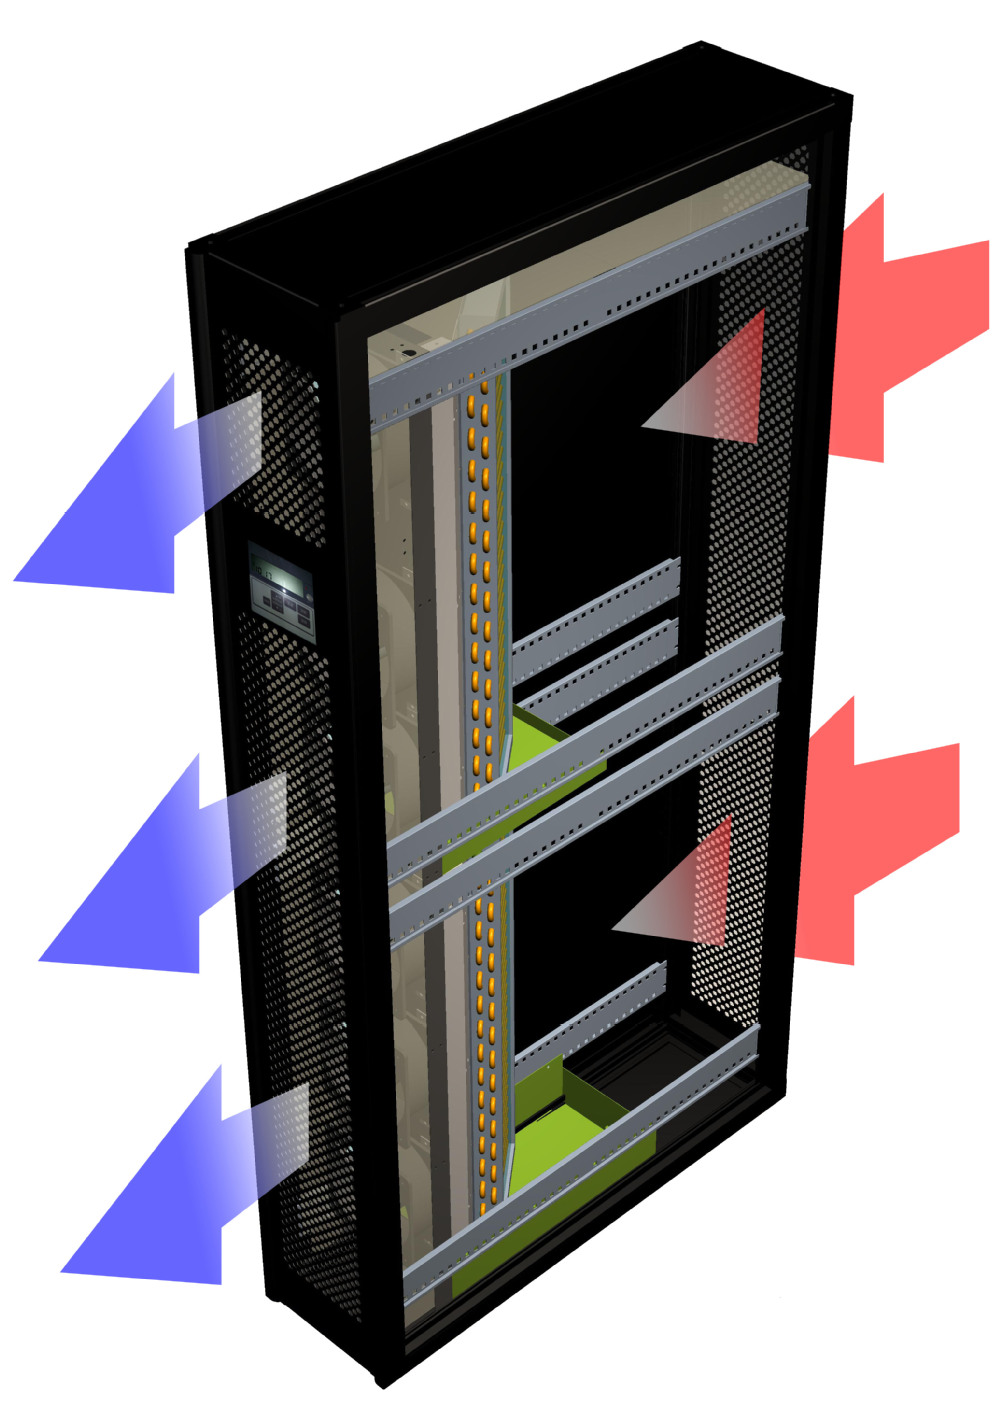 Inrow Server Computer Room Air Conditioner Precision